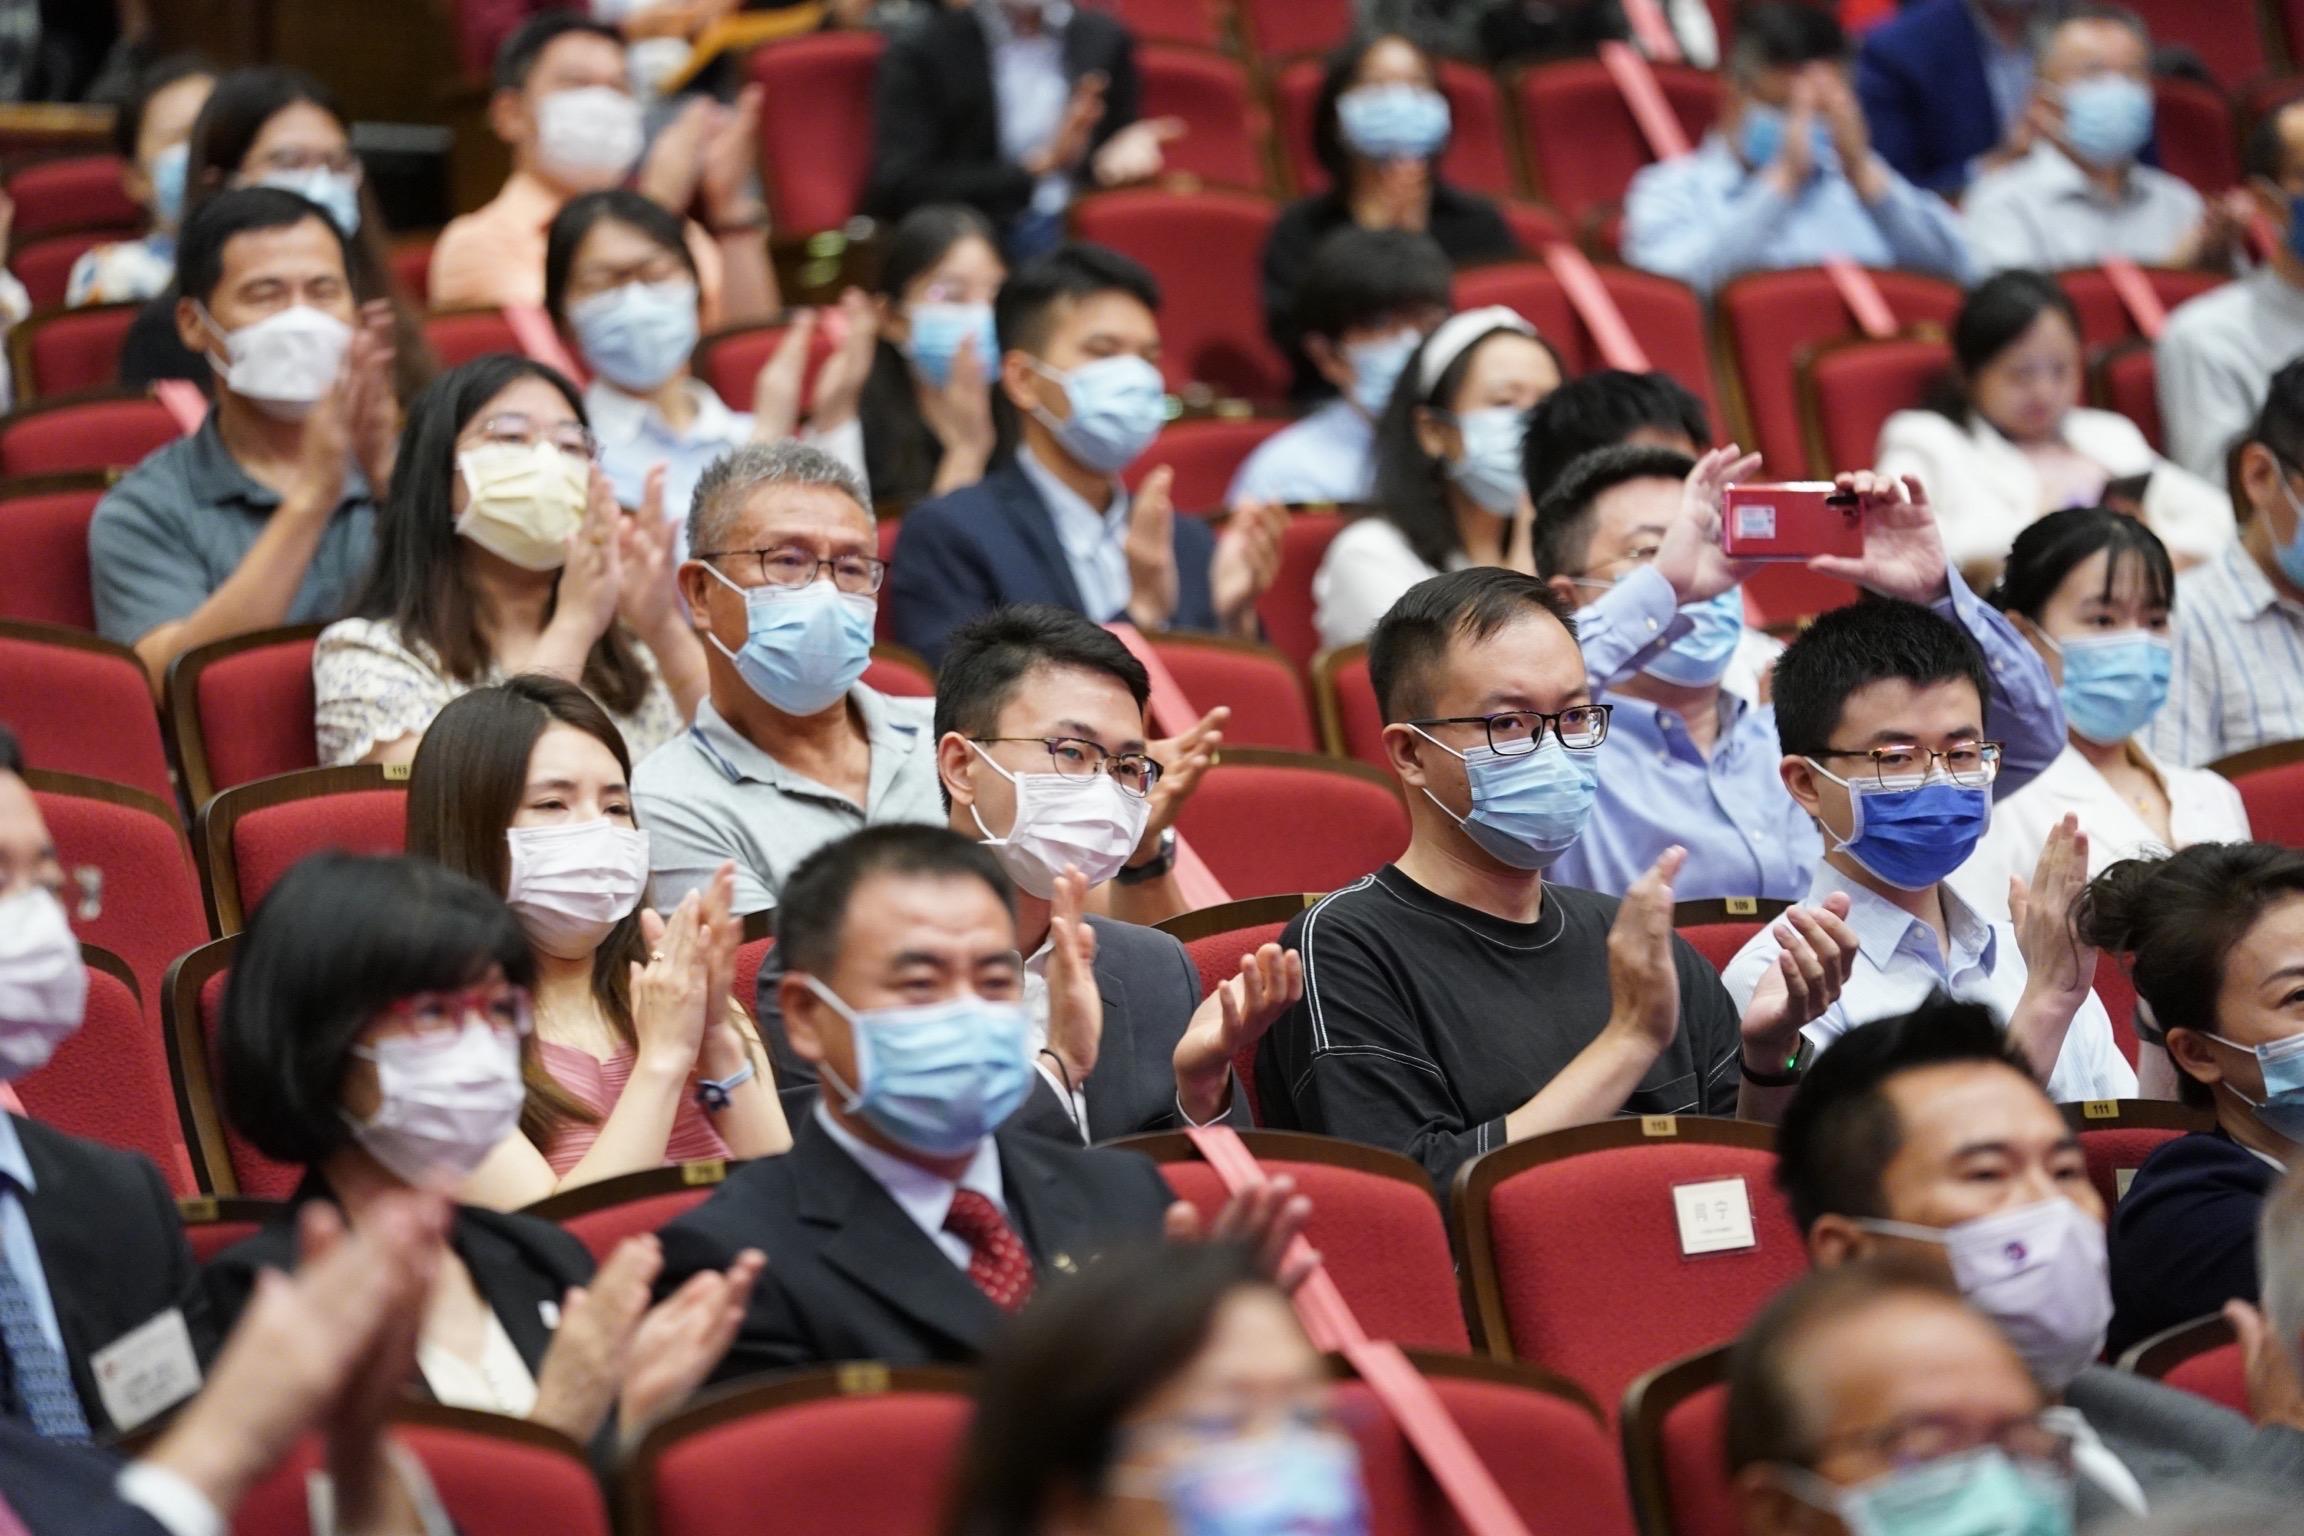 6月23日,在香港理工大学,听众在讲座结束后鼓掌。 新华社 图